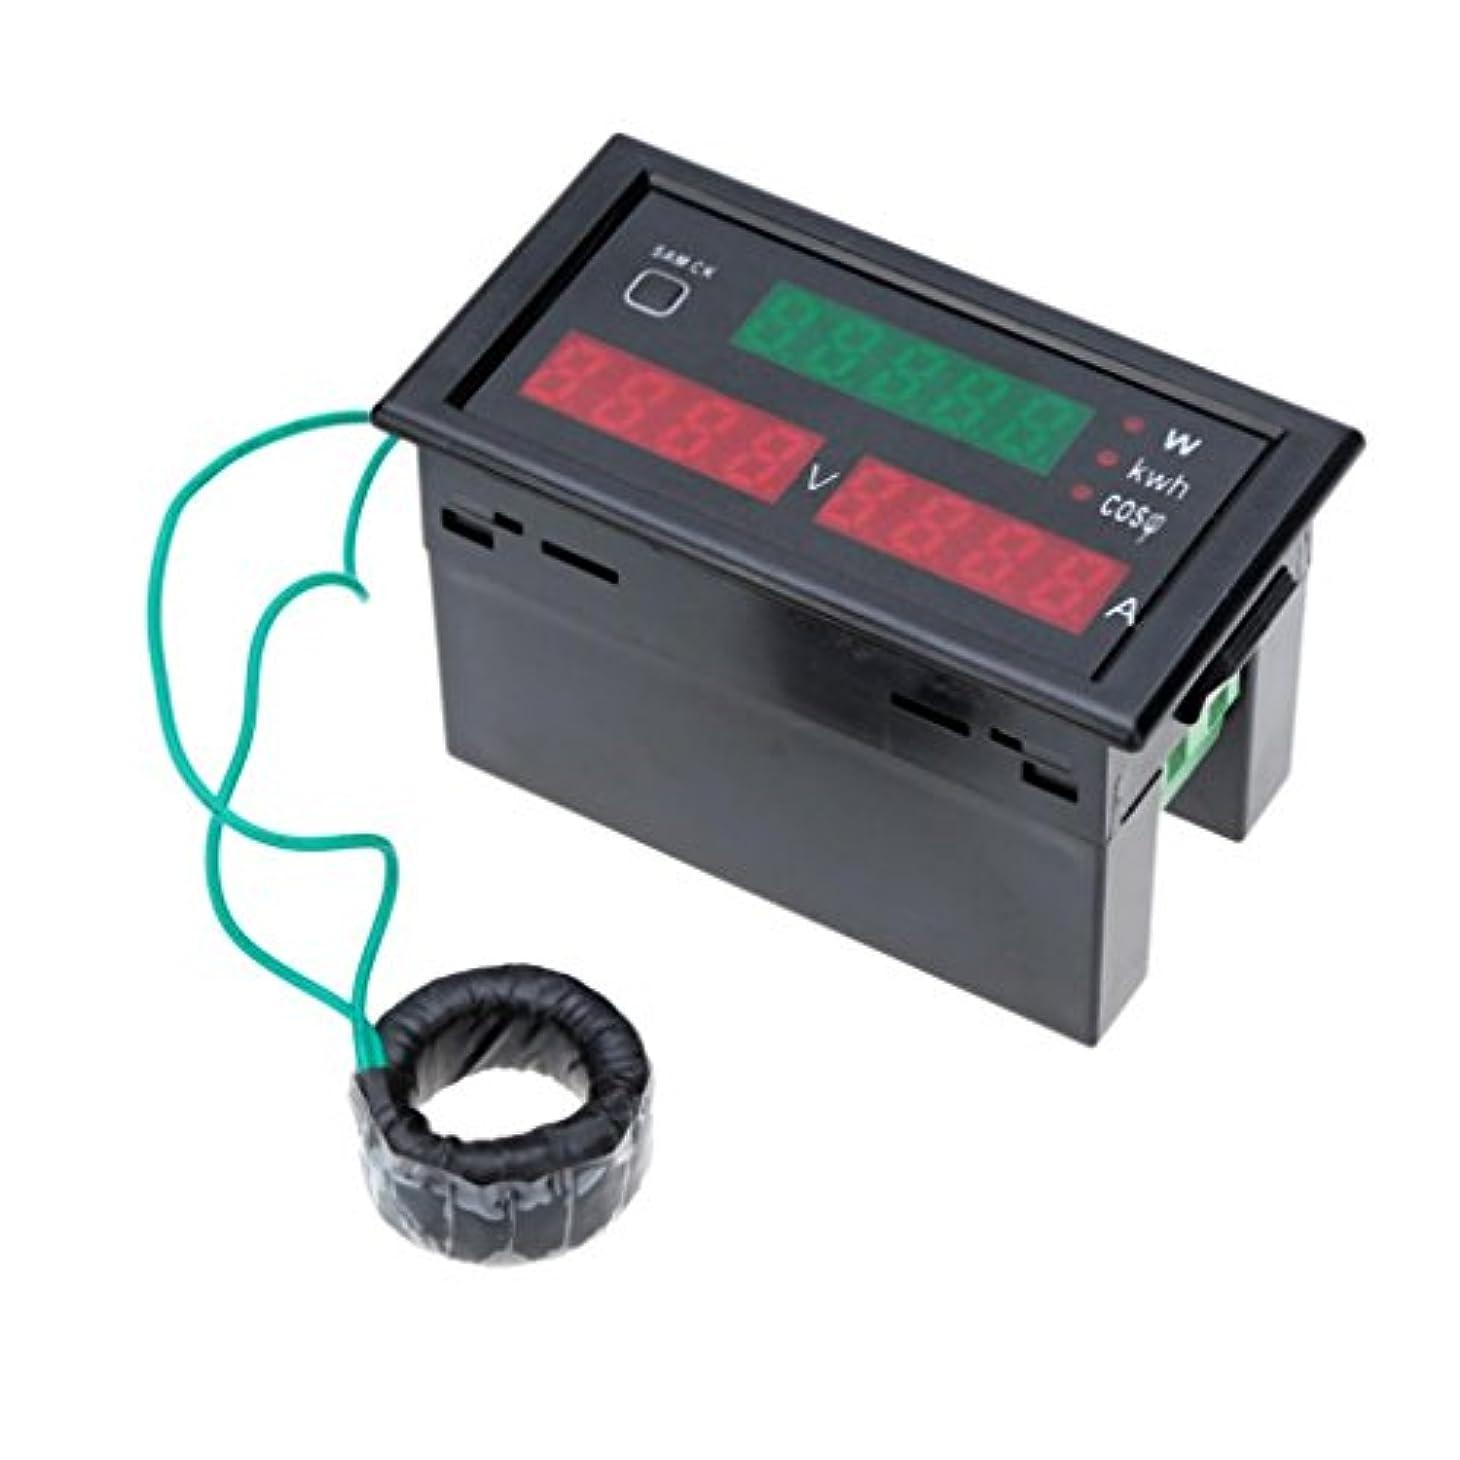 素晴らしさフォーカスましいHomyl AC80-300V 100AデジタルLEDアンプボルトメーター電源電気エネルギーテスター&CT